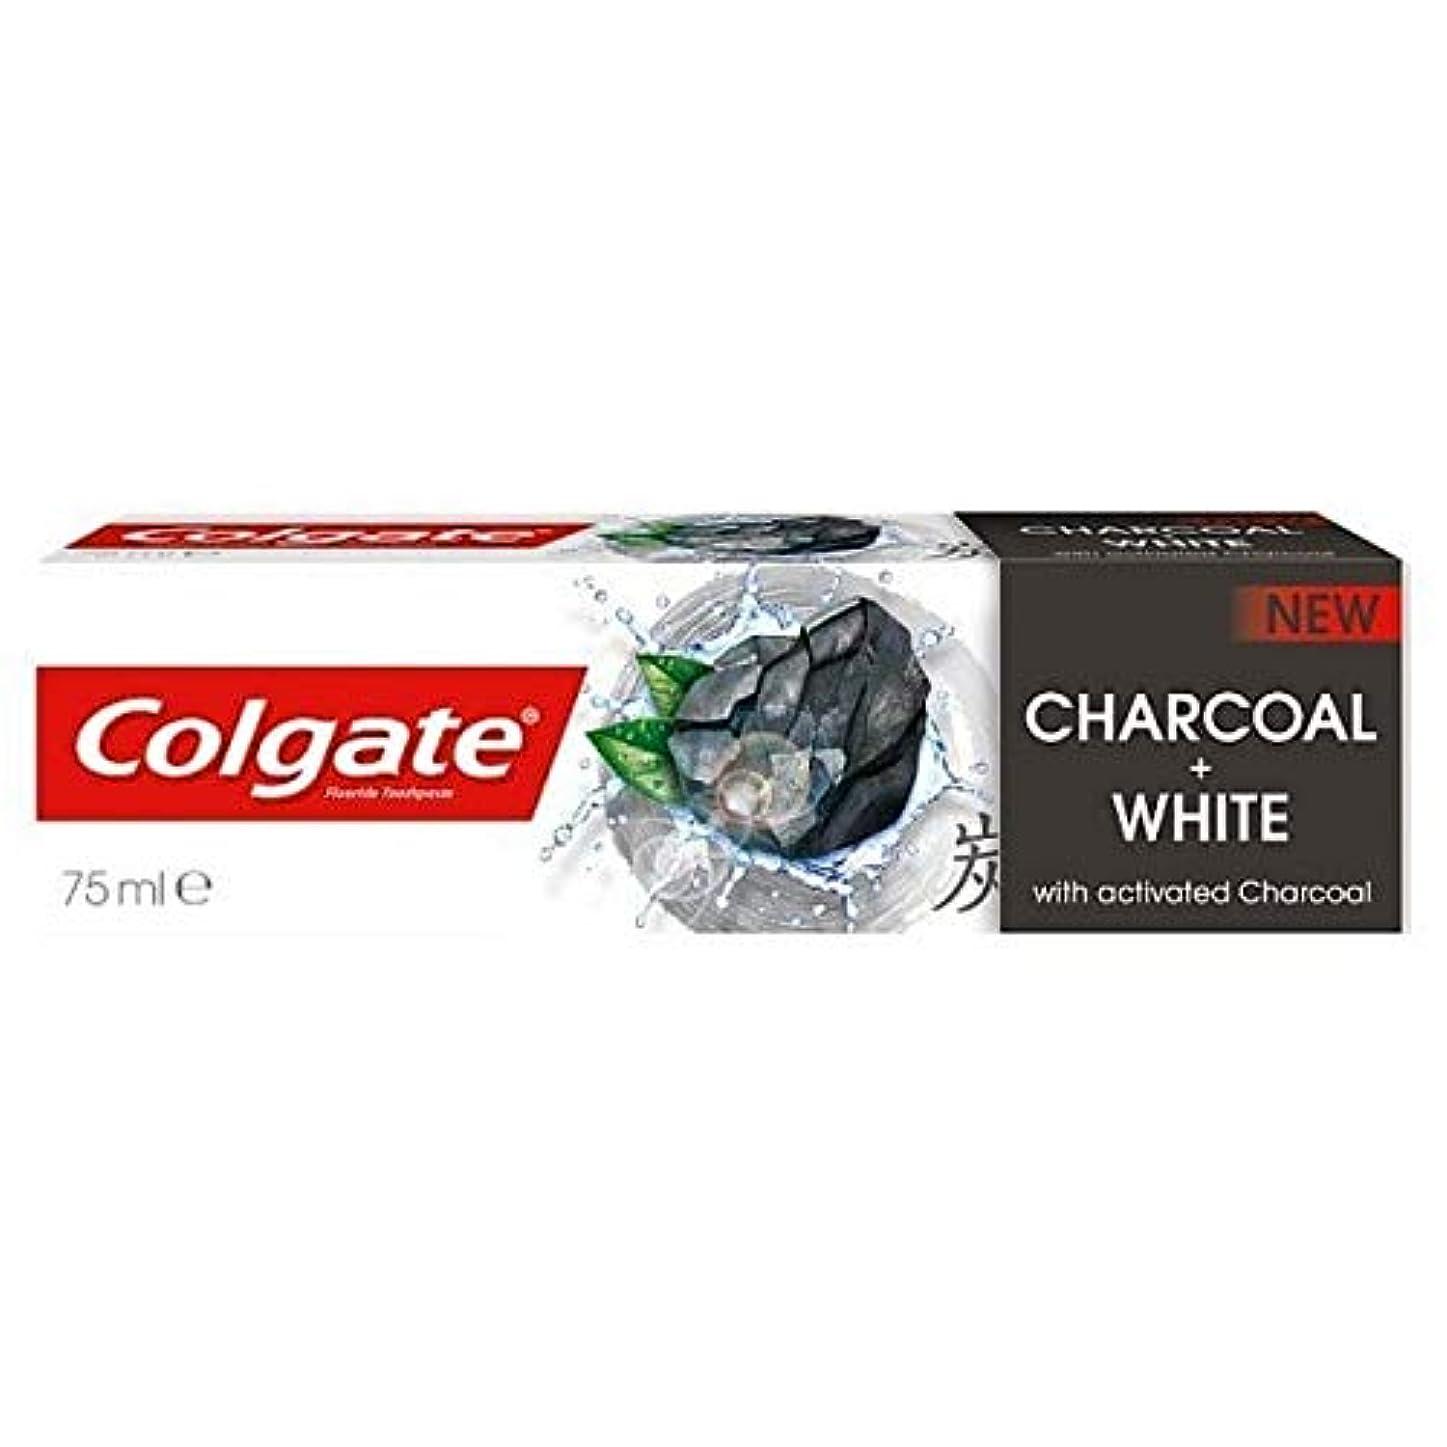 盲信休憩するオーラル[Colgate ] コルゲート歯磨きナチュラルチャコール75ミリリットル - Colgate Toothpaste Naturals Charcoal 75ml [並行輸入品]